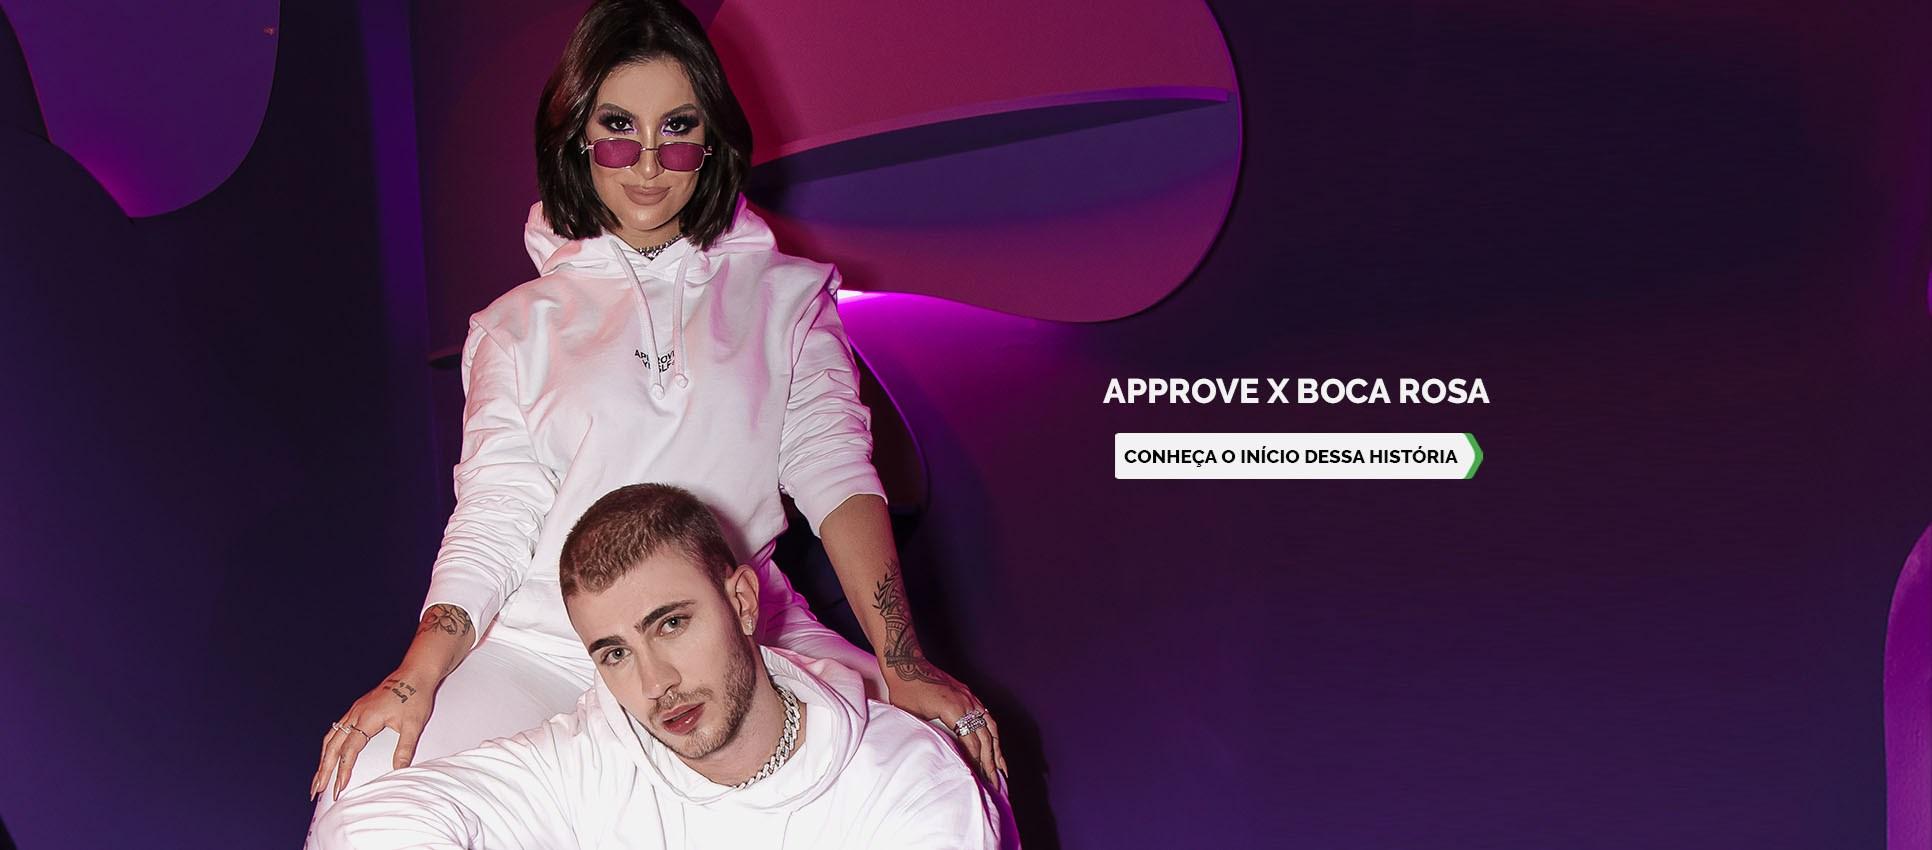 Boca Rosa - Approve